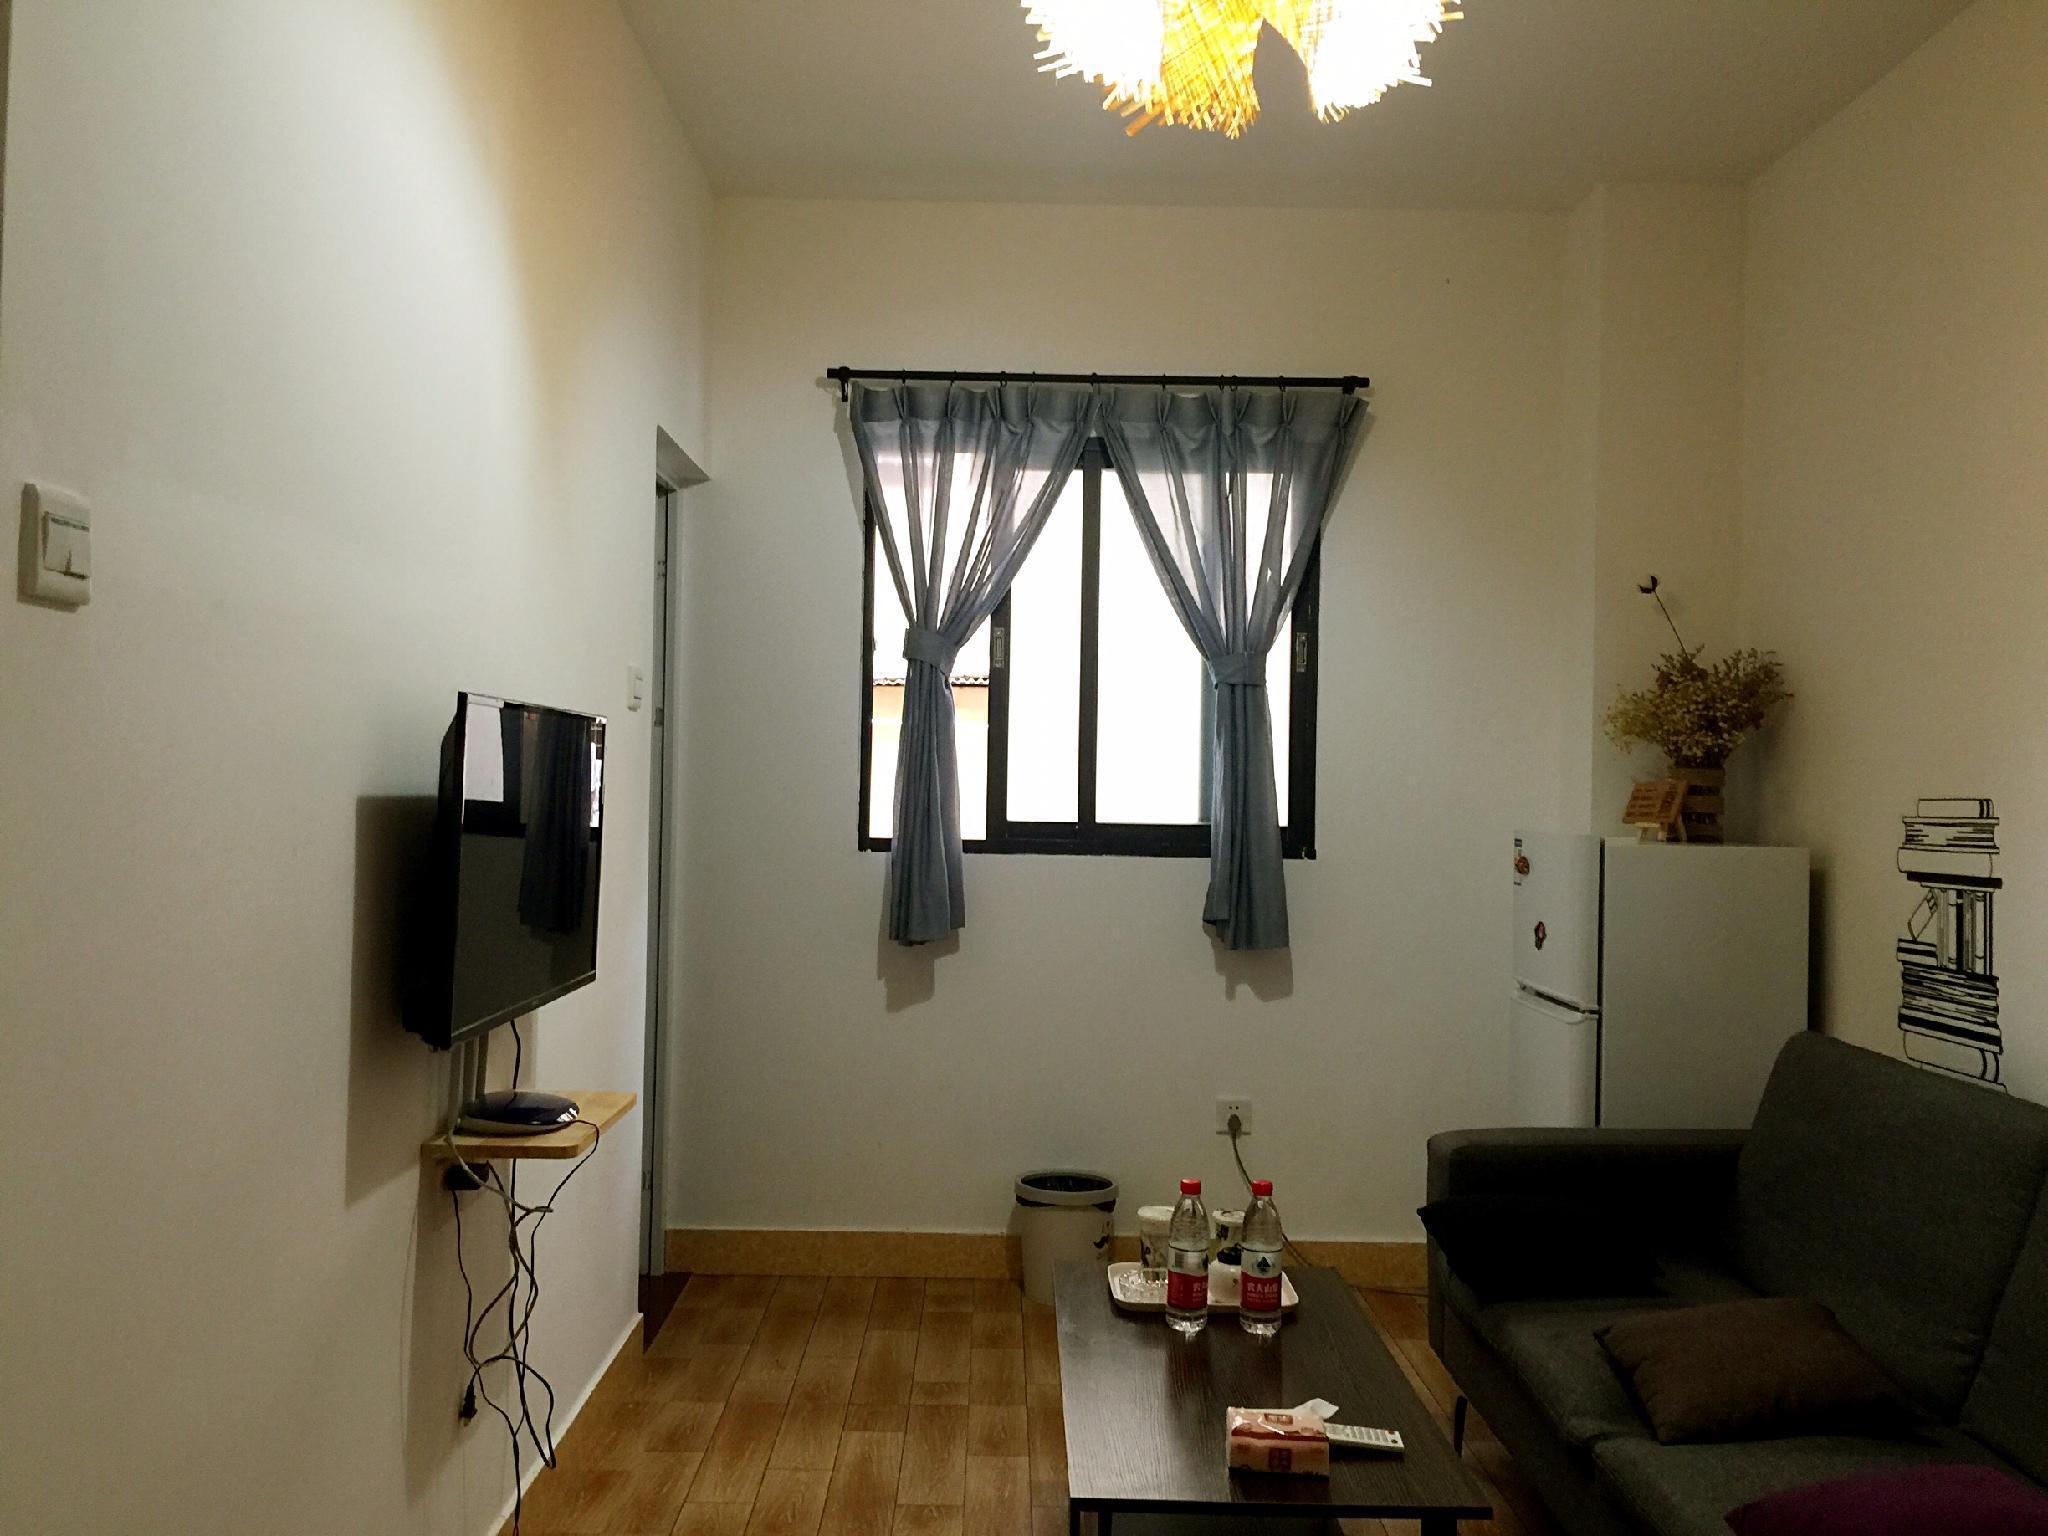 Guangzhou Linjiang Apartment, The Pearl River,04